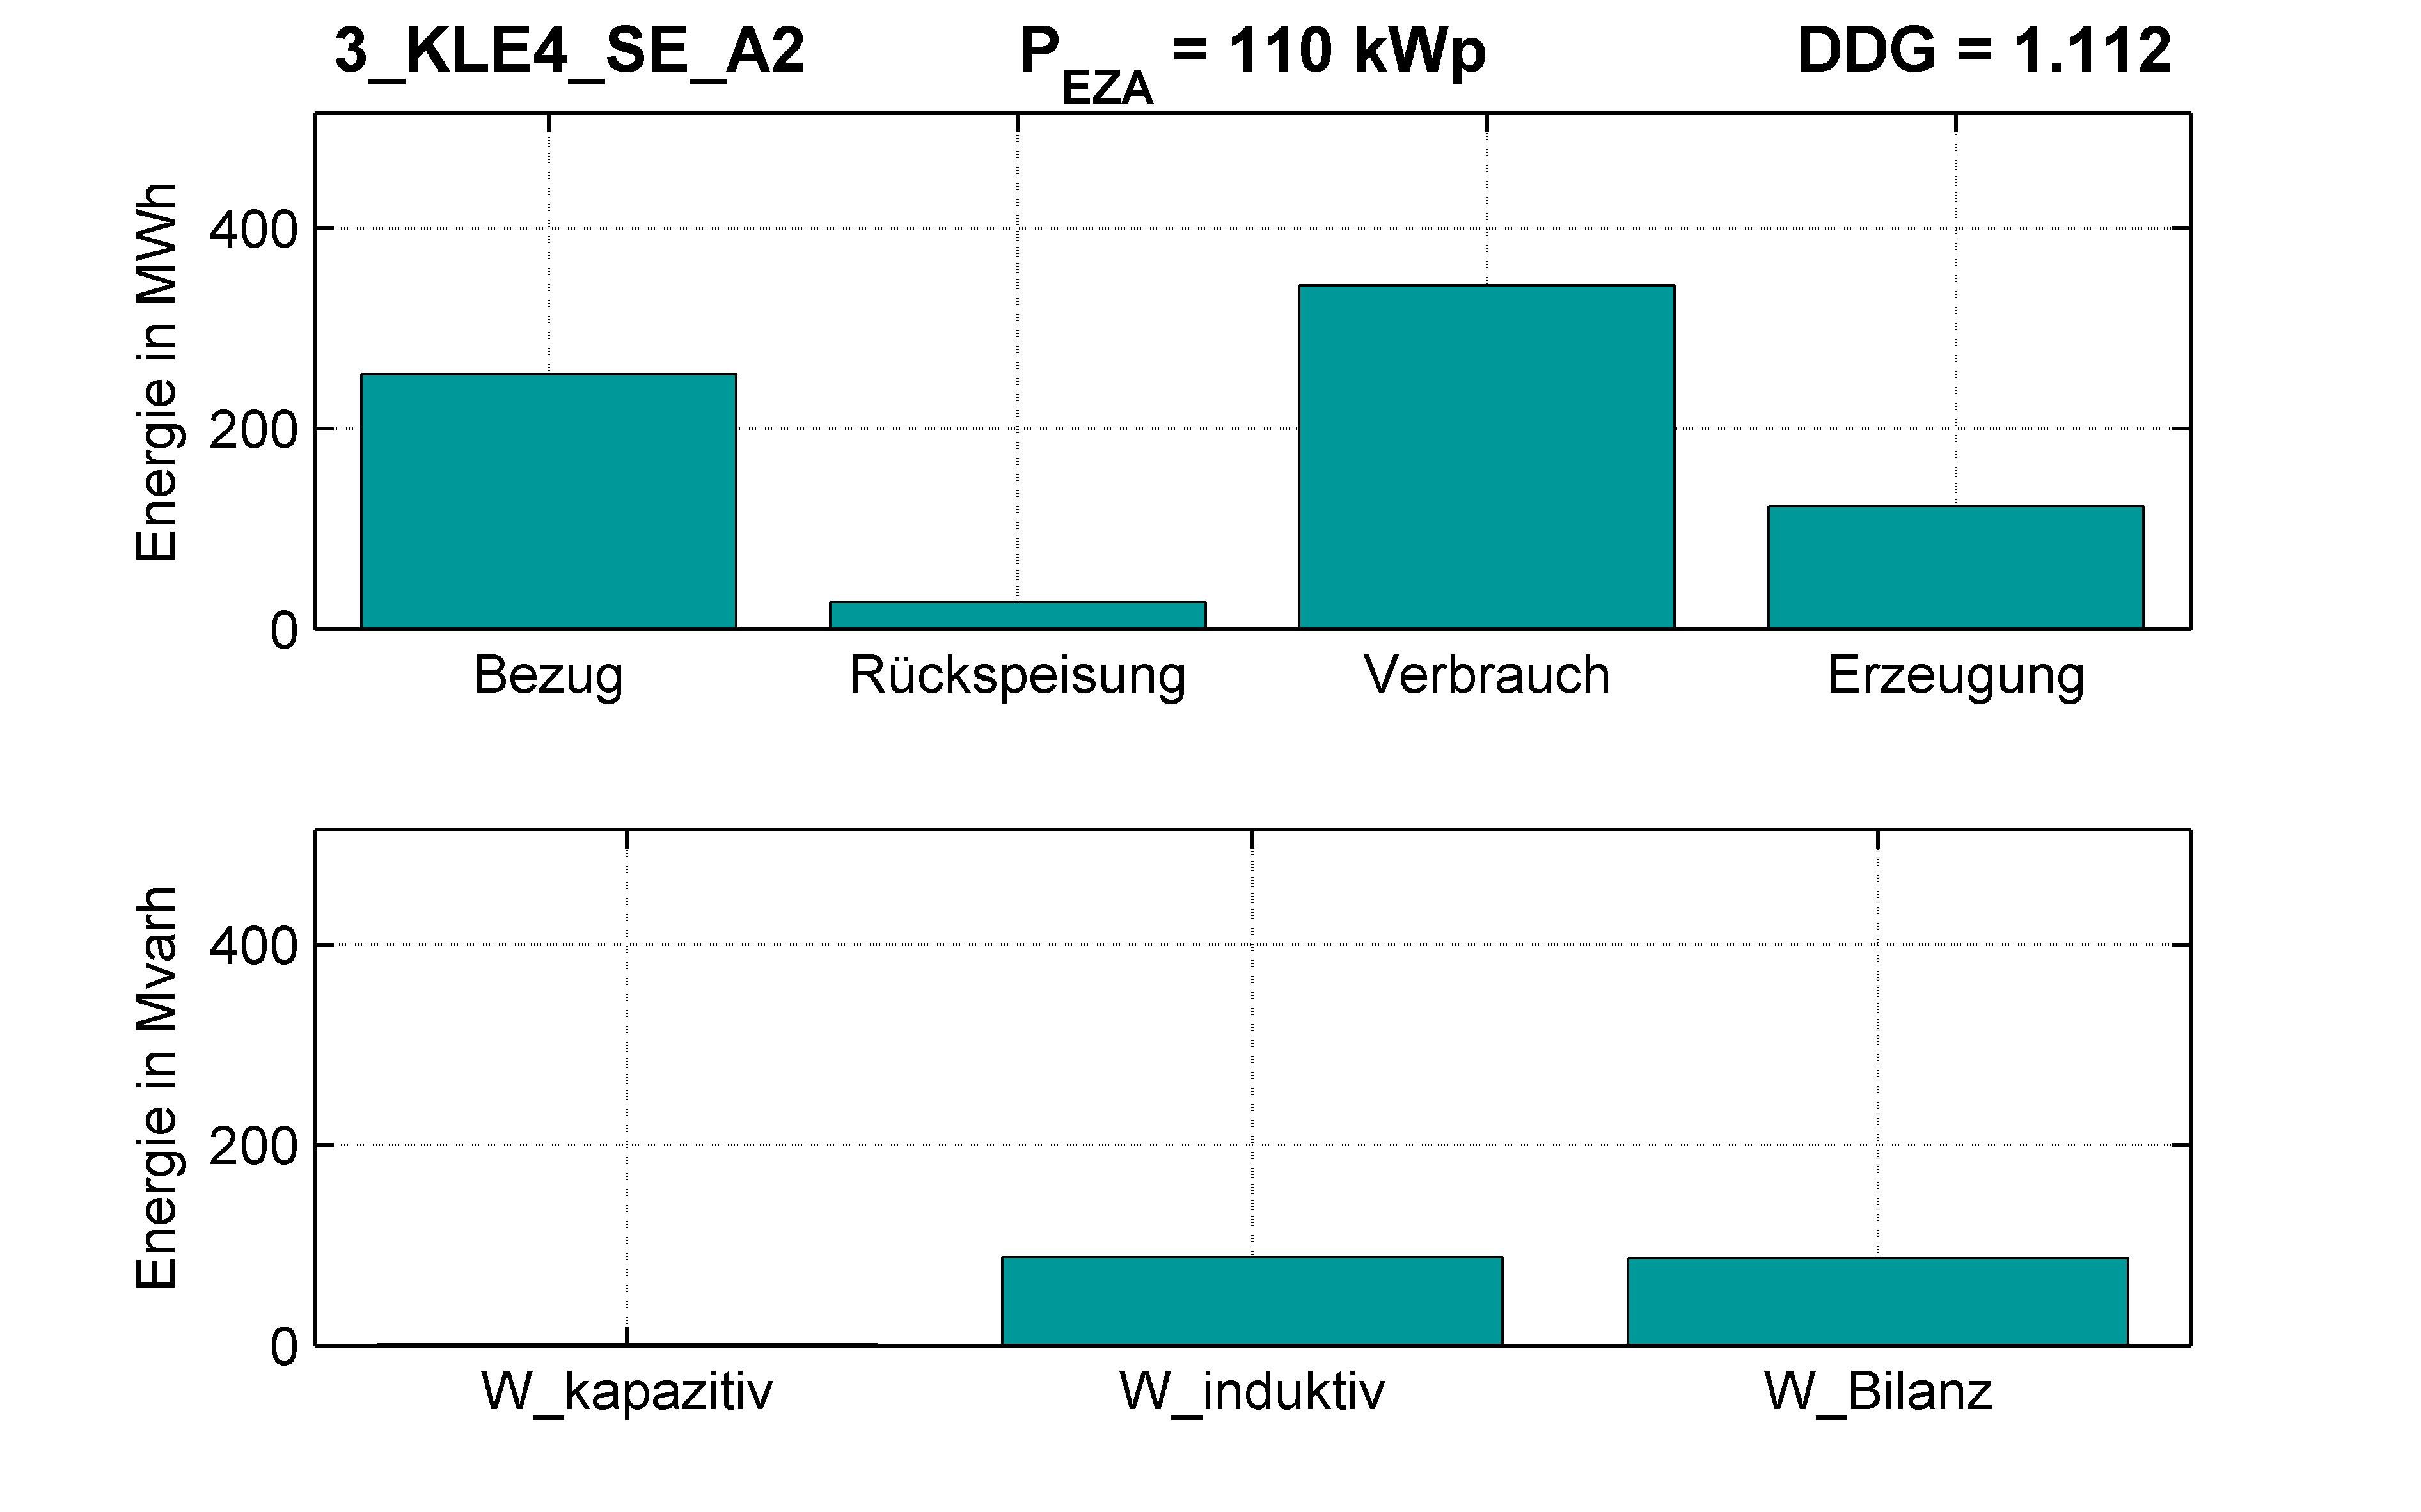 KLE4 | P-Kappung 70% (SE) A2 | PQ-Bilanz